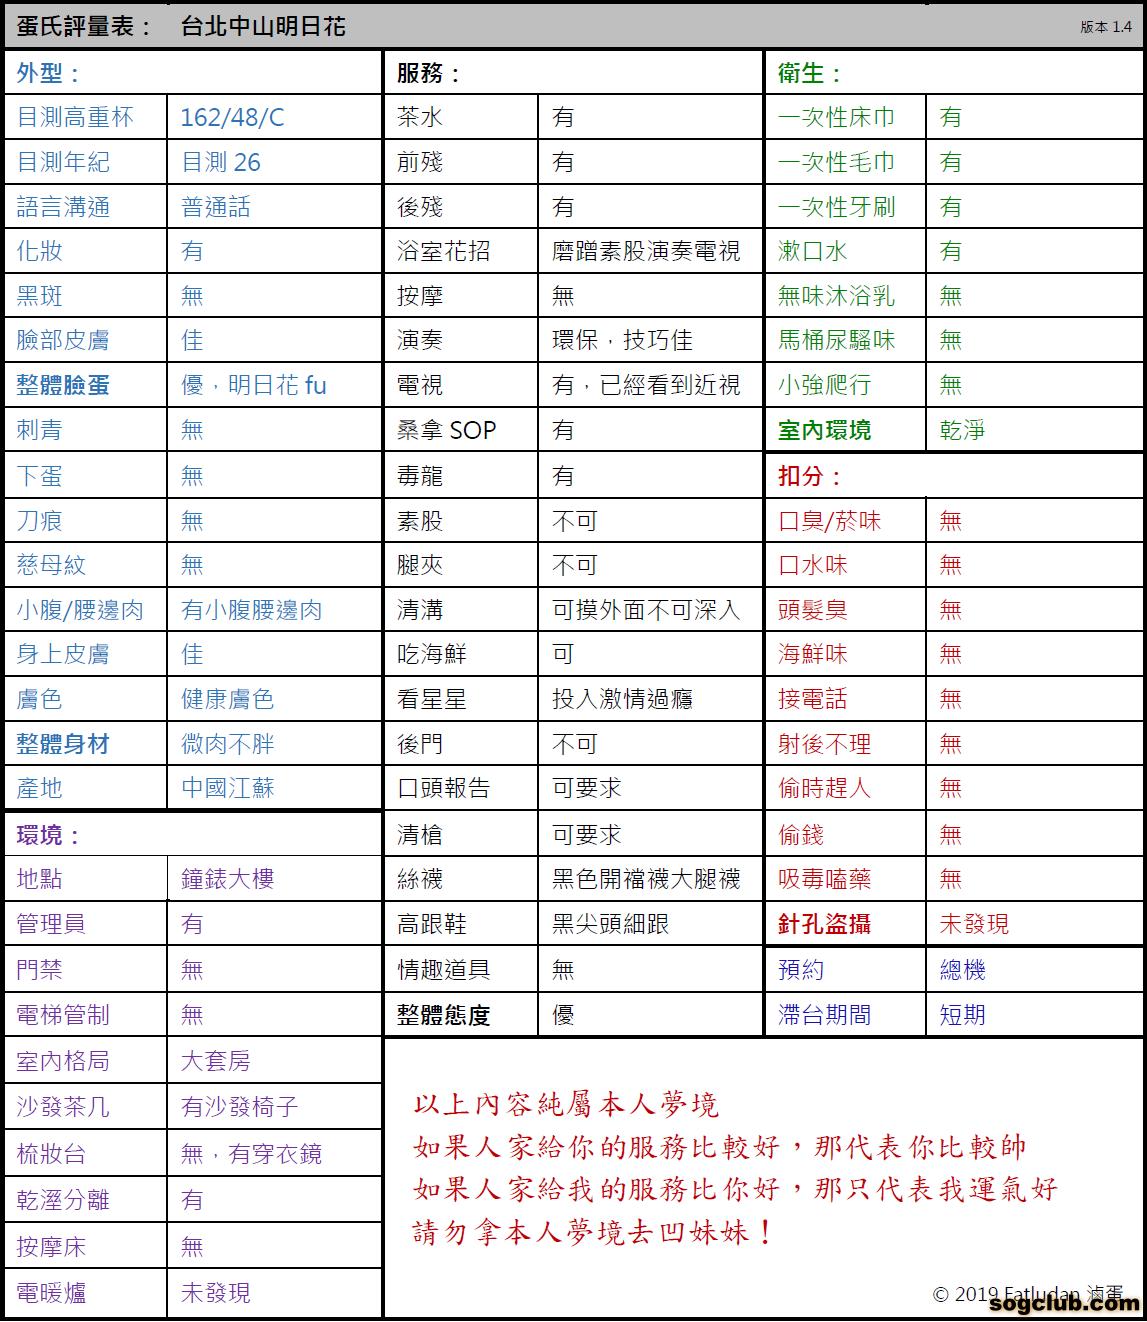 蛋氏評量表 - 台北中山明日花.png